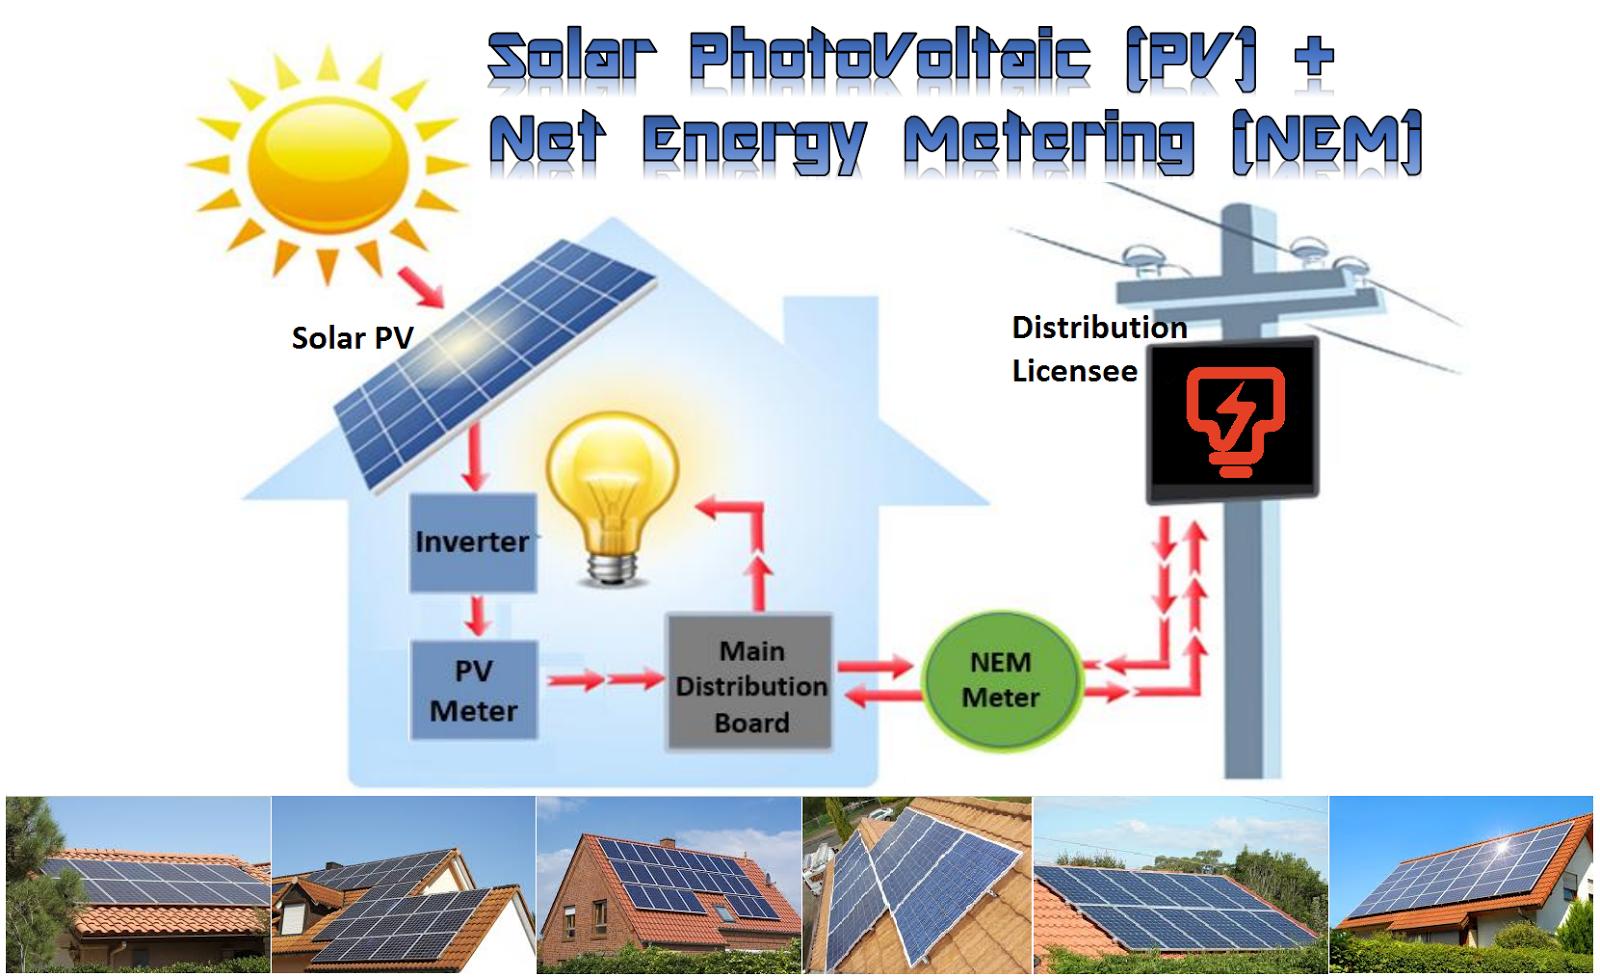 Net Energy Metering : Net energy metering malaysia